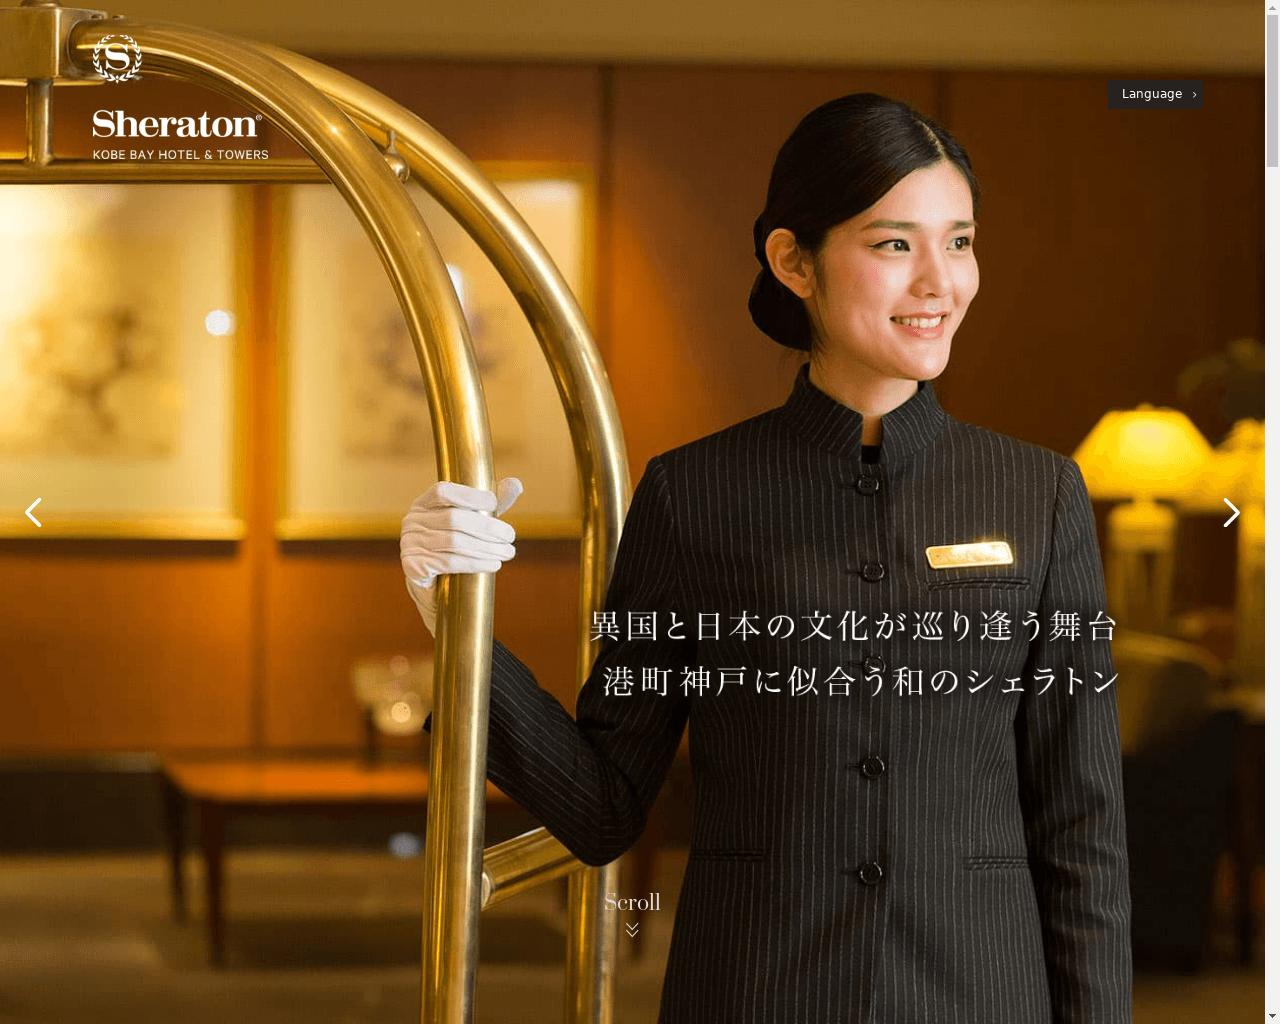 高級ホテル特集 神戸ベイシェラトン ホテル&タワーズ